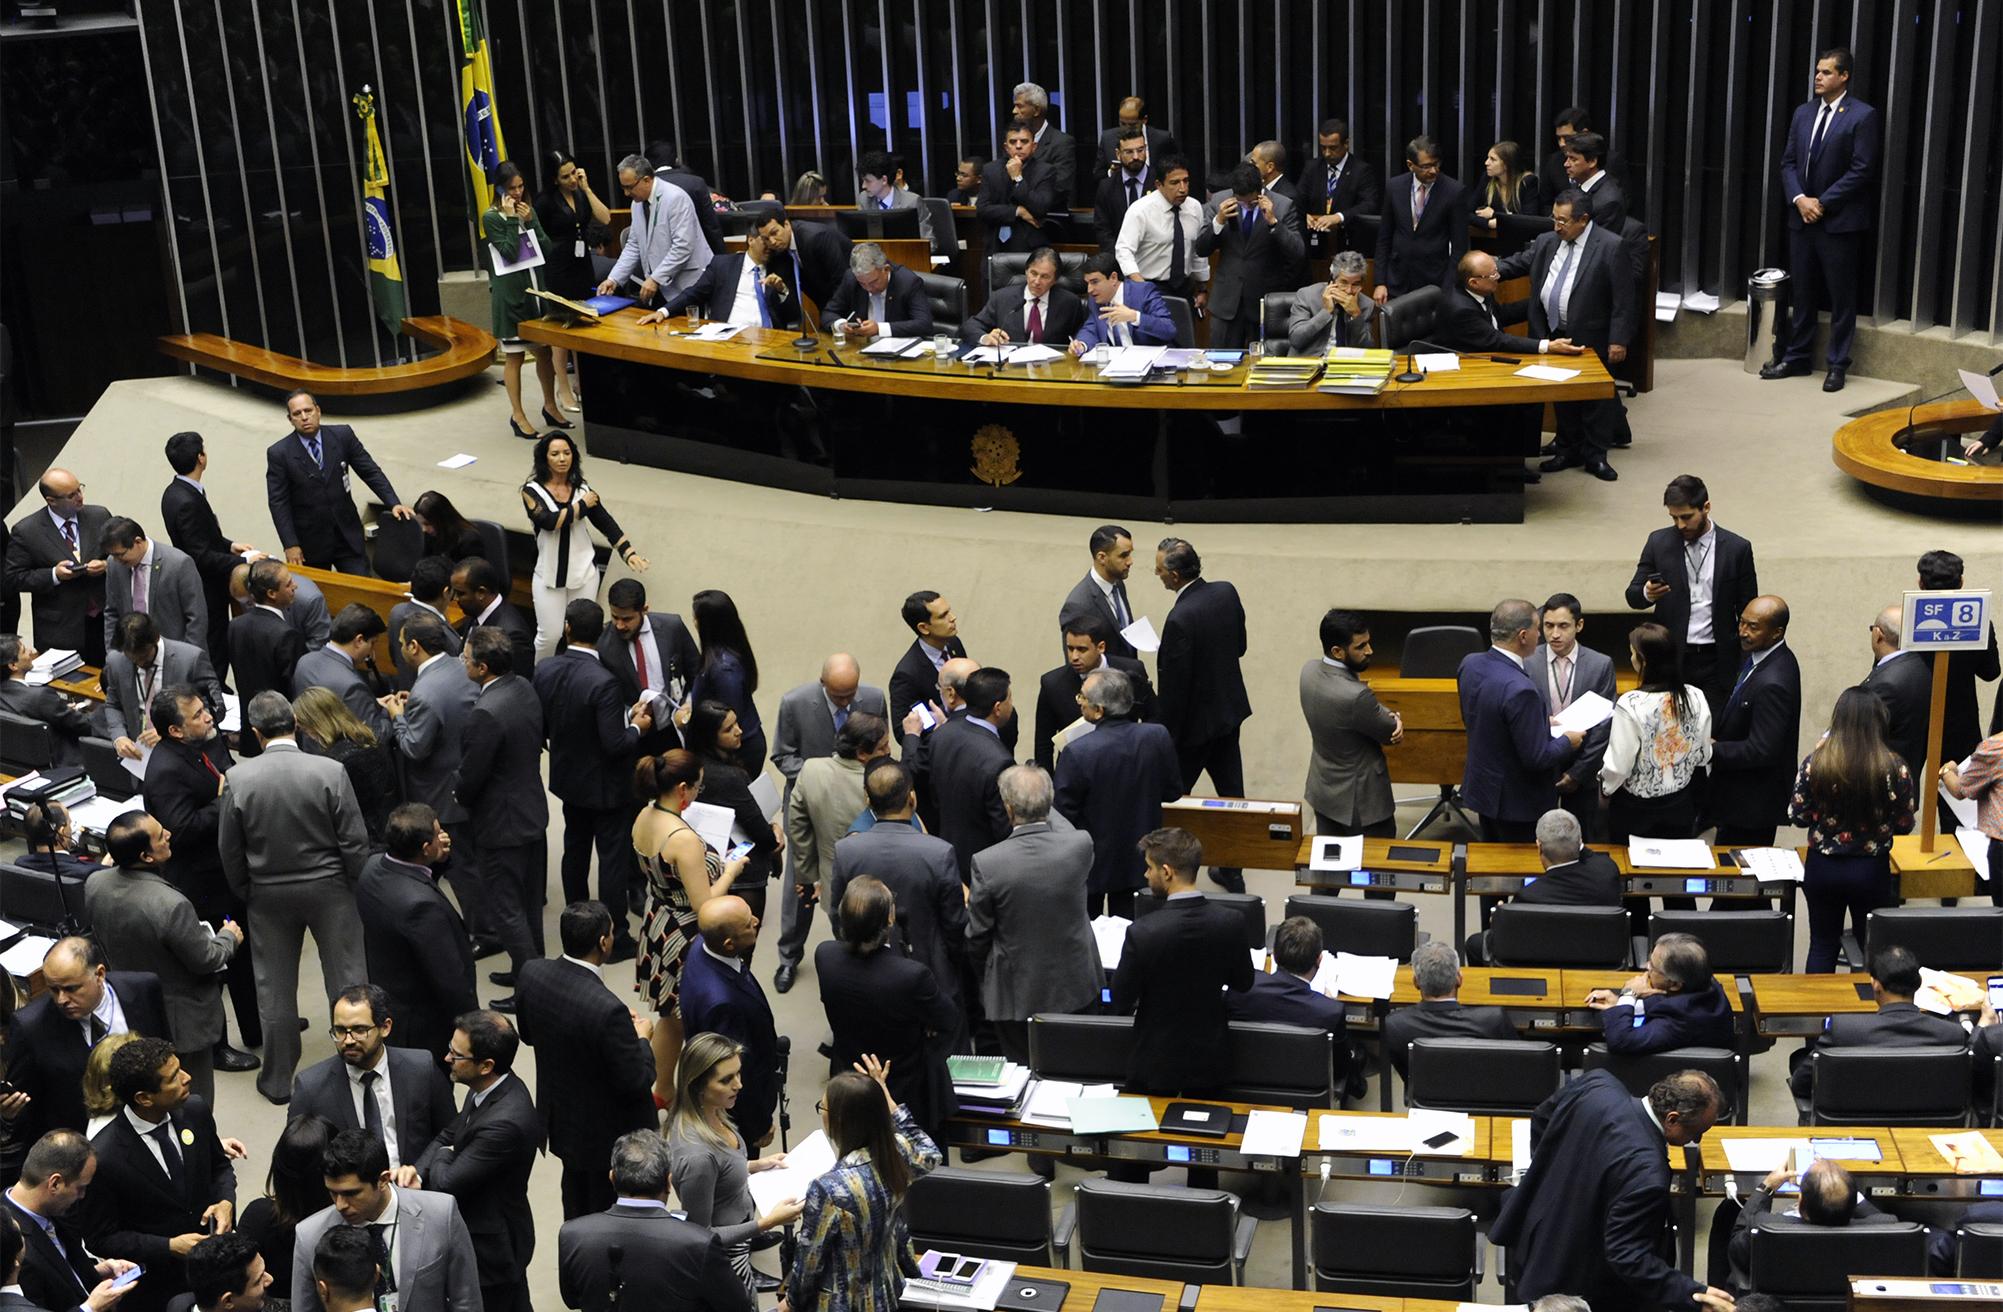 Sessão do Congresso Nacional para análise de vetos presidenciais